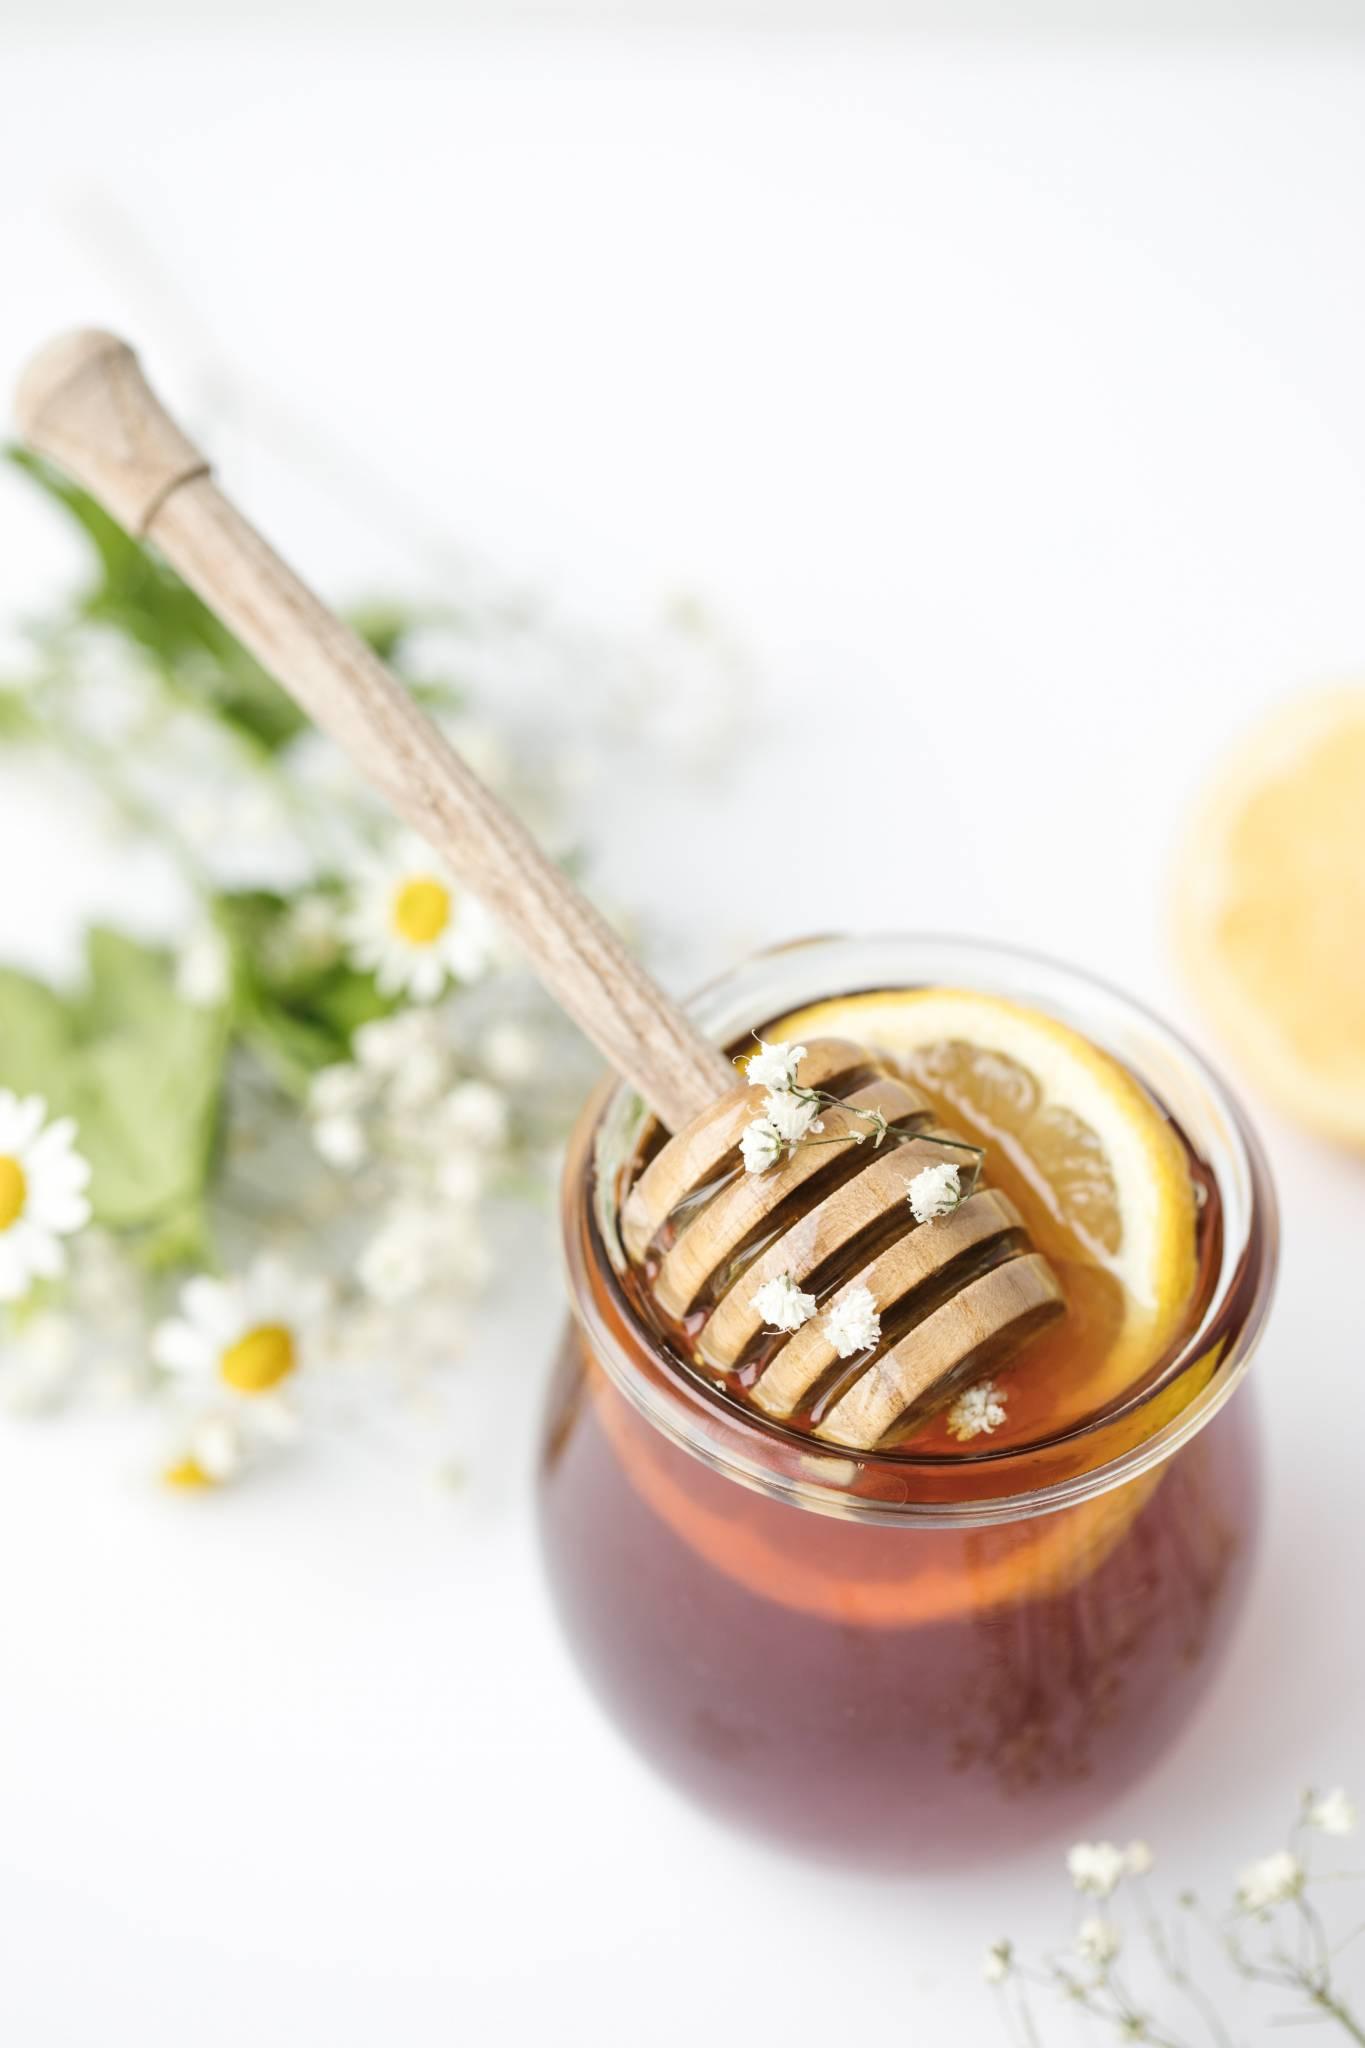 miel cruda buena para la diabetes